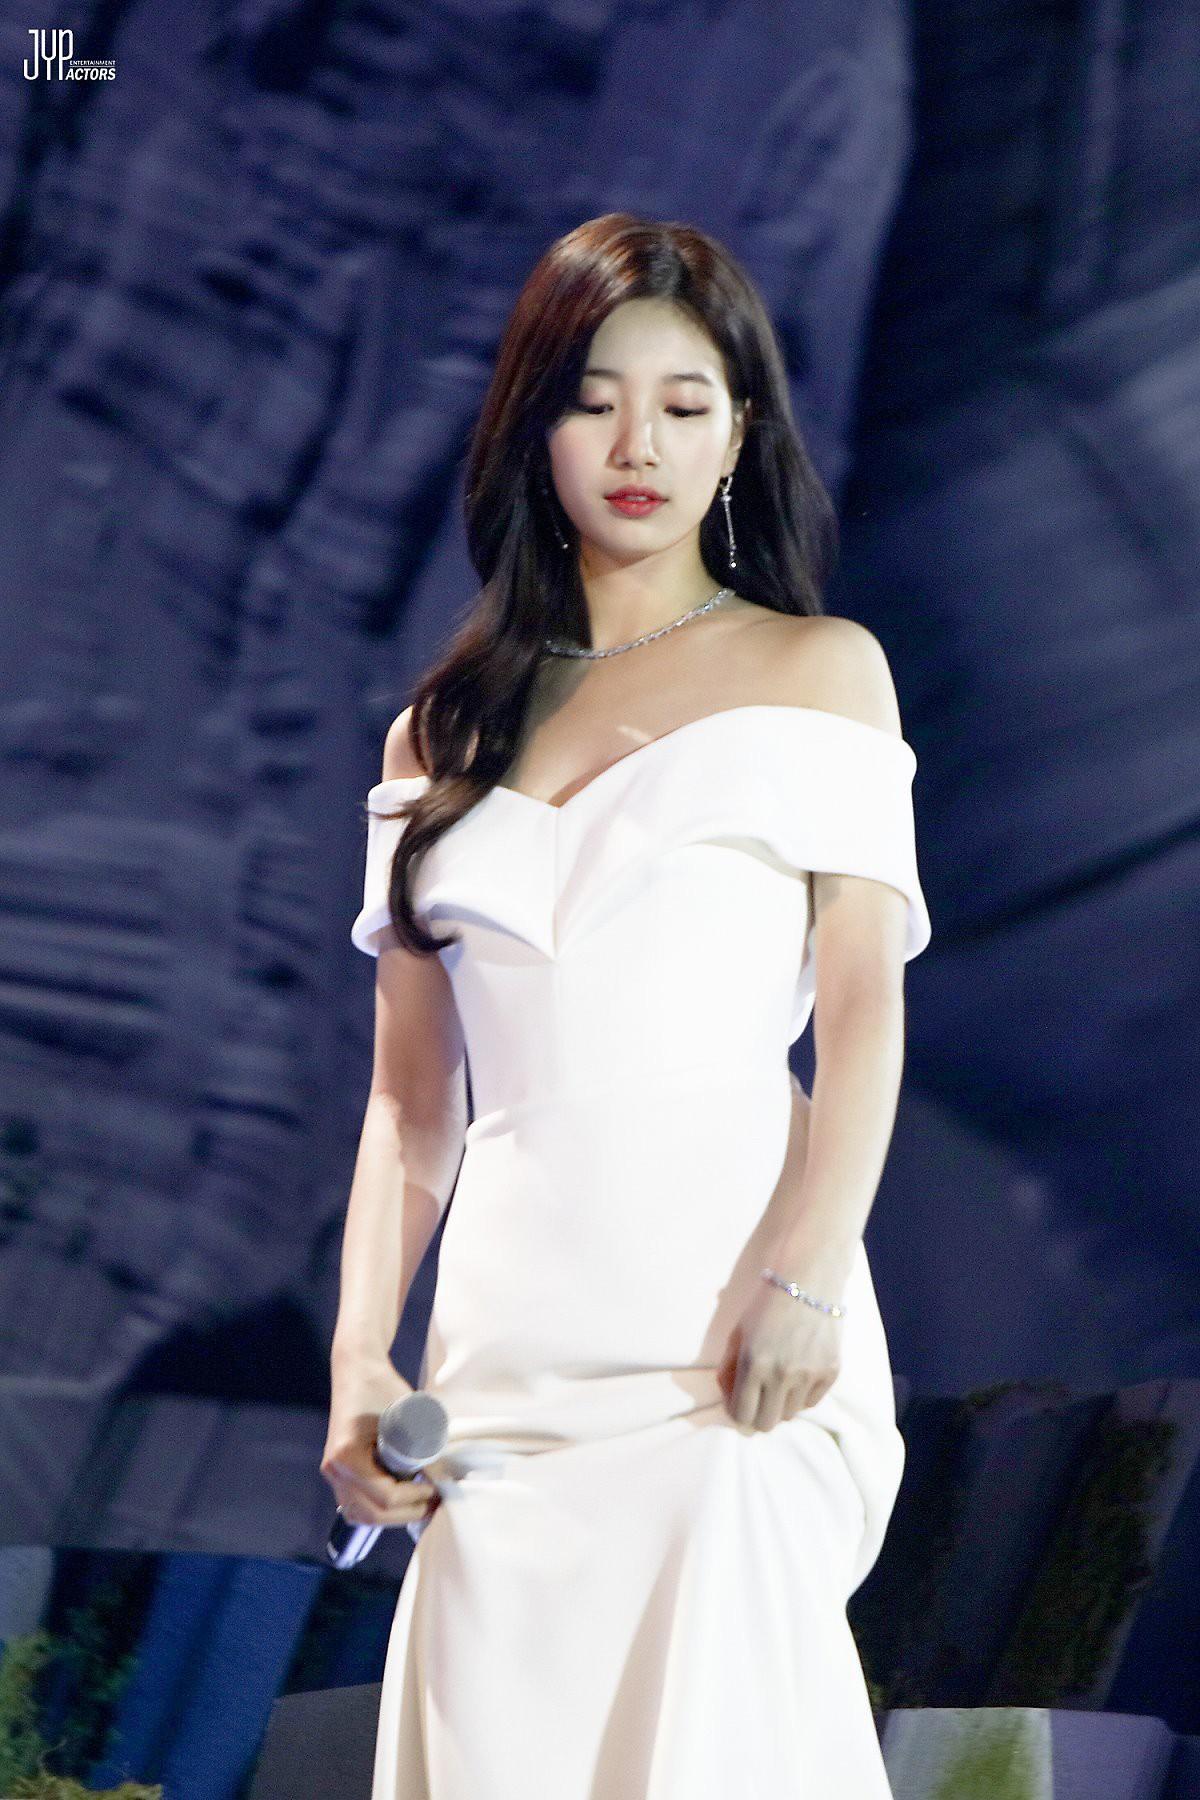 Hình hậu trường nóng hổi của Suzy tại Baeksang: Sải bước ở hầm để xe mà sang như bà hoàng, đẹp hơn cả đi thảm đỏ - Ảnh 13.